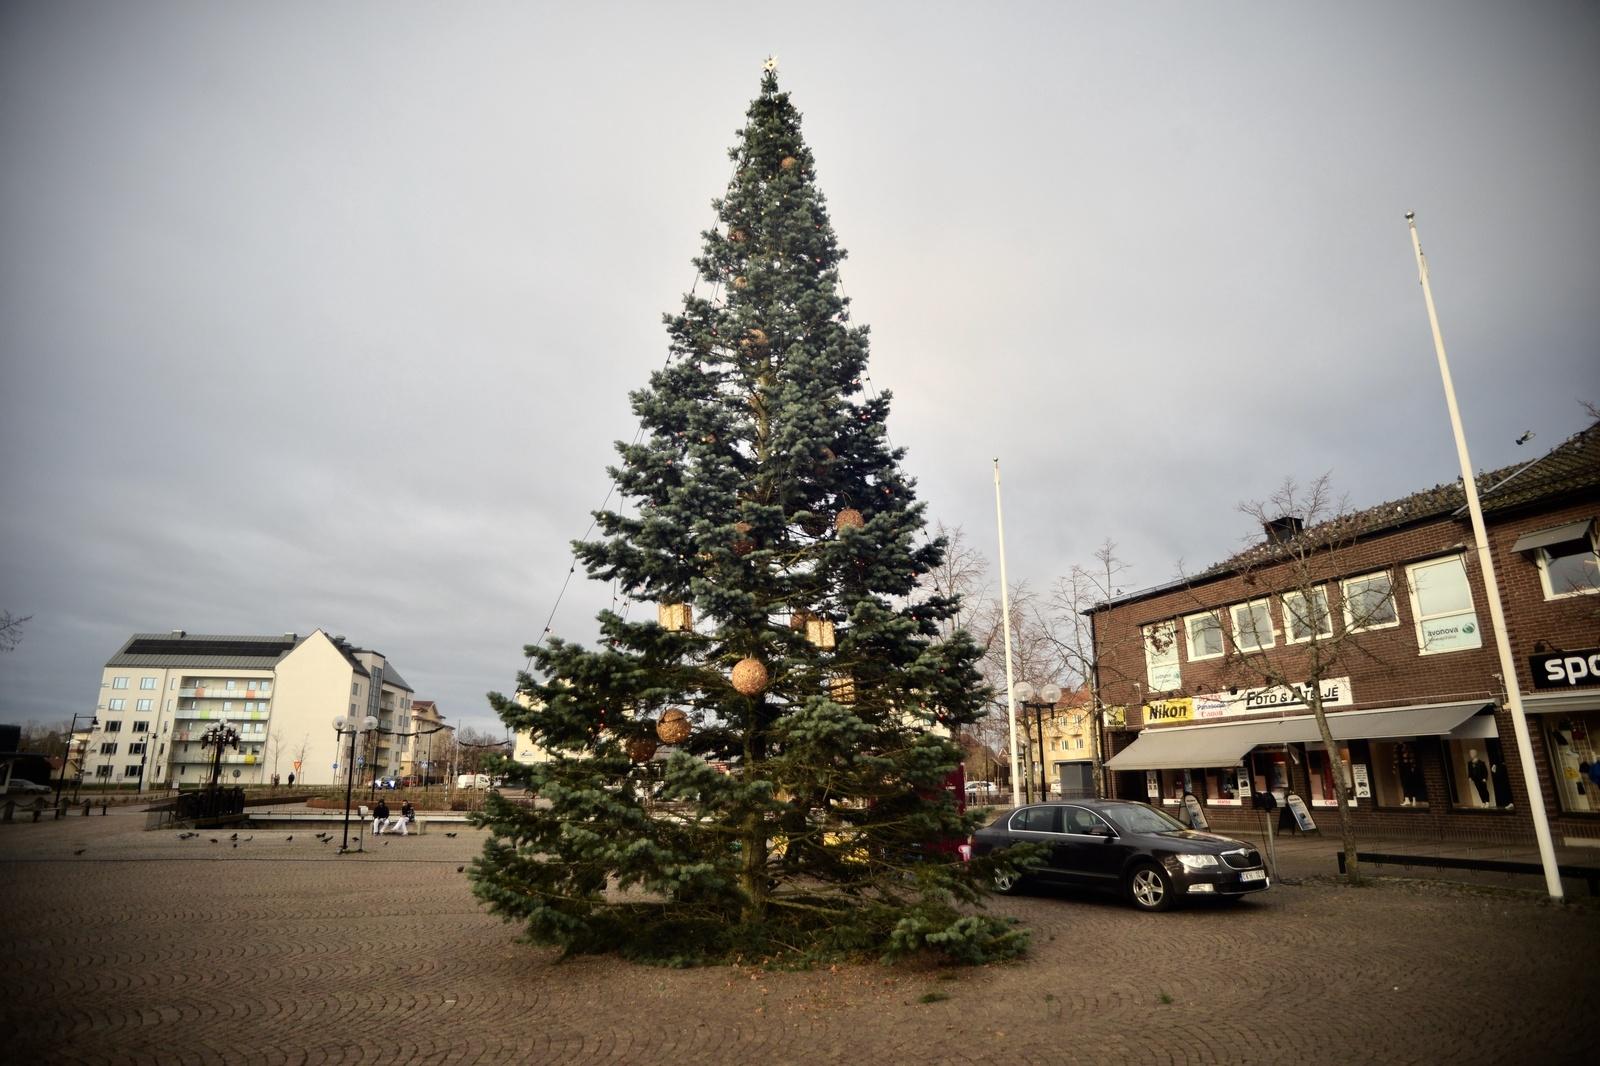 NYBRO: En ädelgran, hämtad från kommunal mark utmed Villagatan i centrala Nybro.